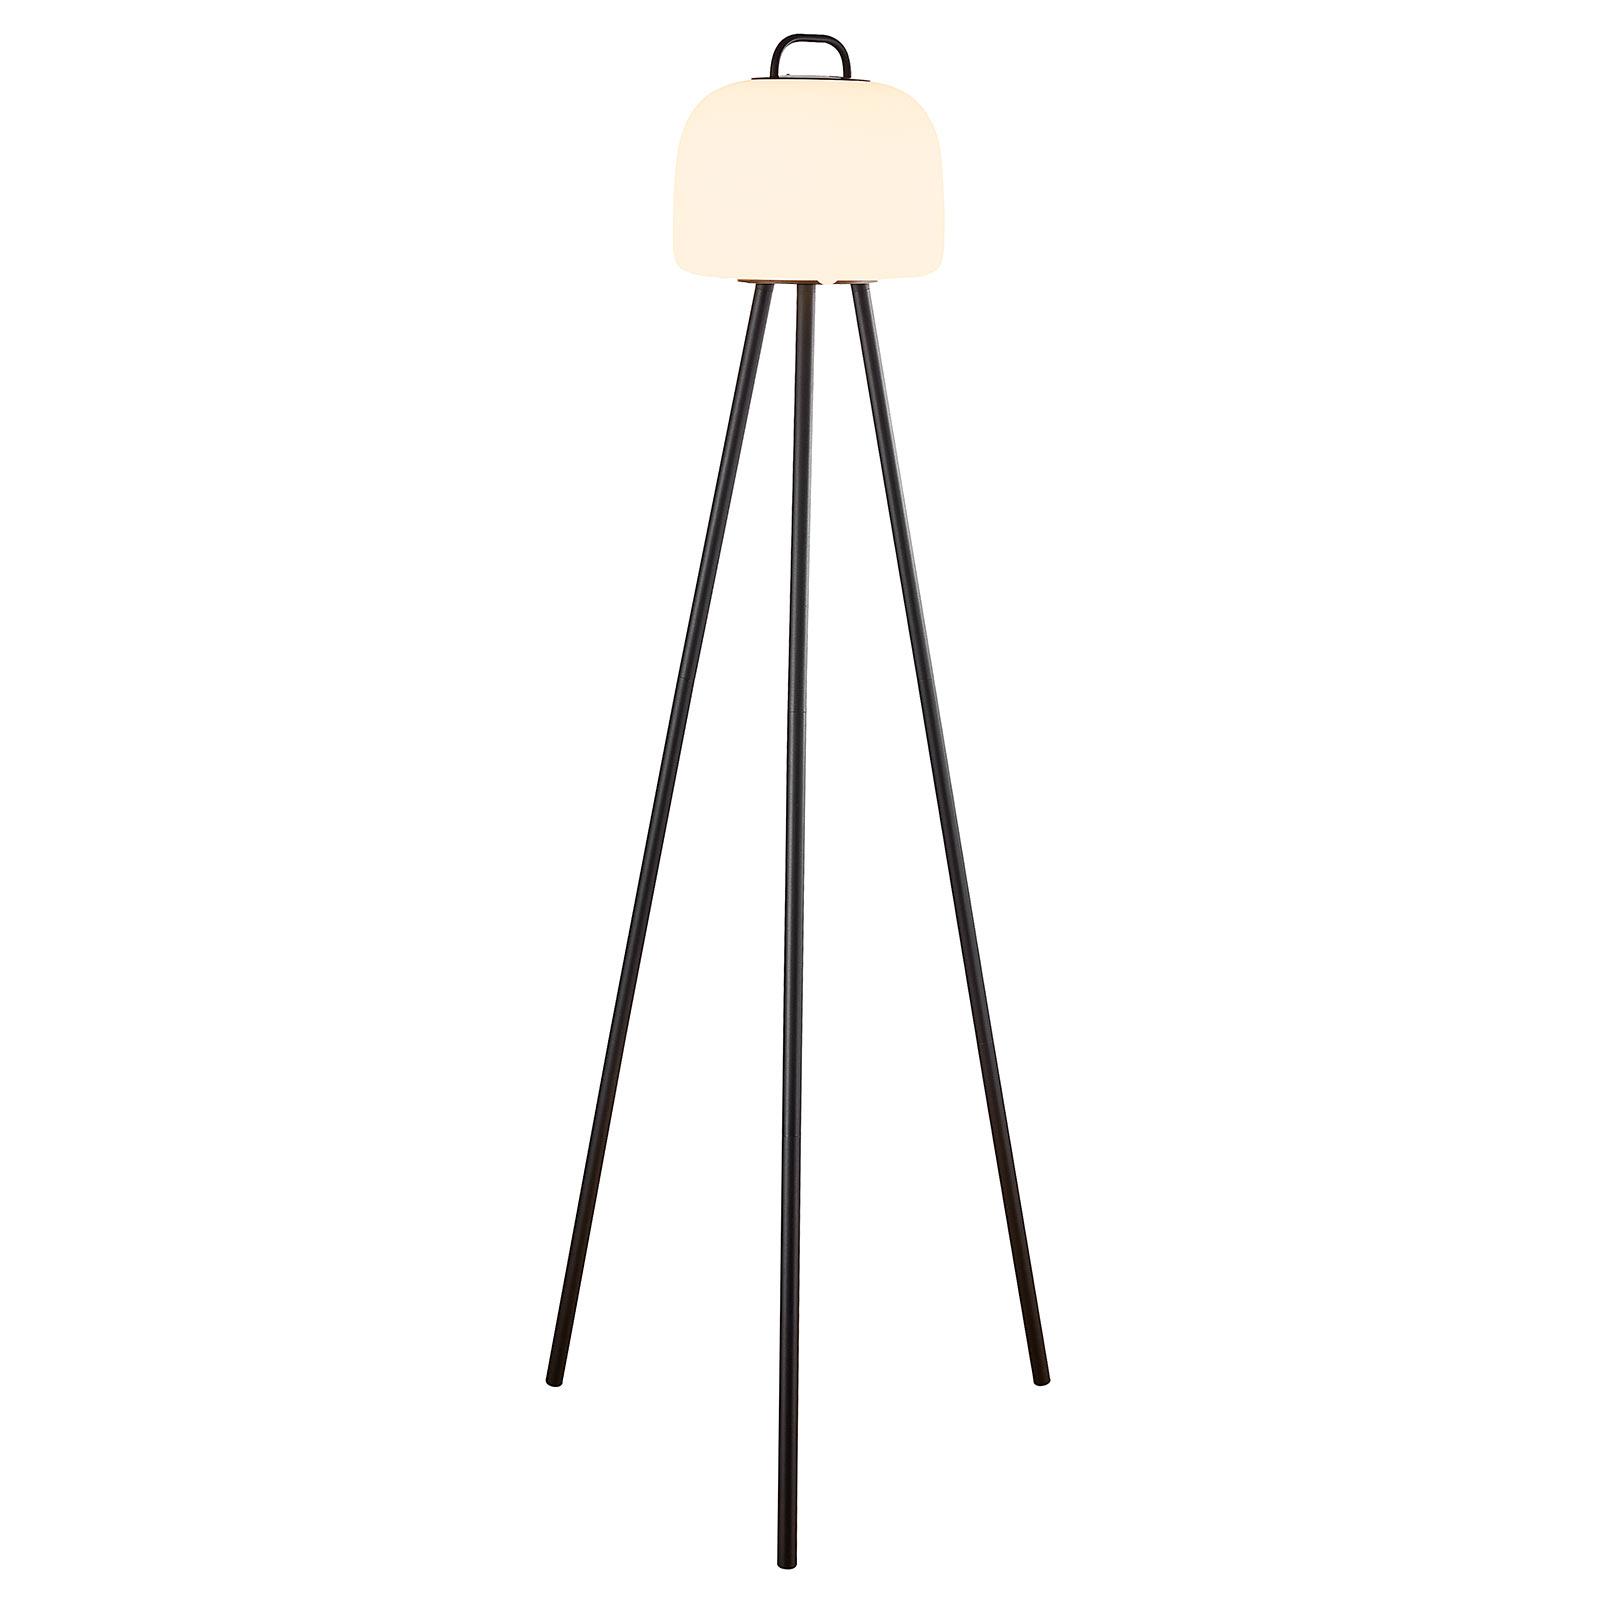 LED stojací lampa Kettle Tripod kov stínidlo 22 cm